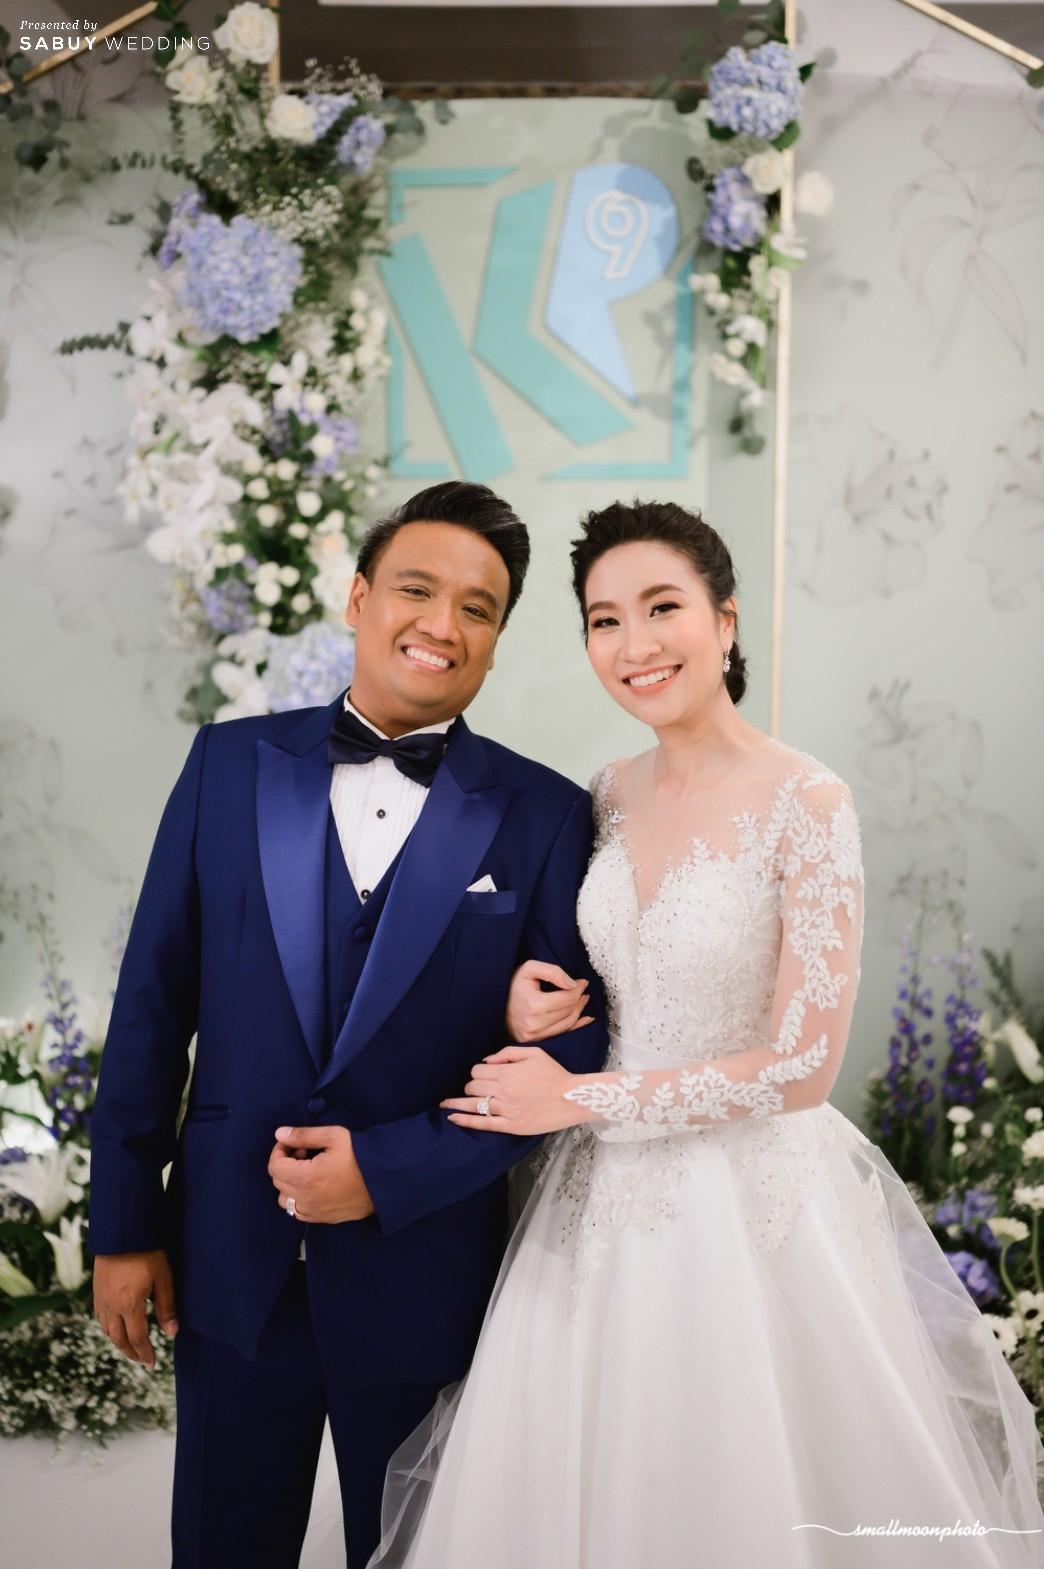 เจ้าบ่าว,ตกแต่งงานแต่งงาน,เจ้าสาว รีวิวงานแต่งแสนหวานกับคอนเซ็ปต์งานสไตล์ English Garden @ Sofitel Bangkok Sukhumvit